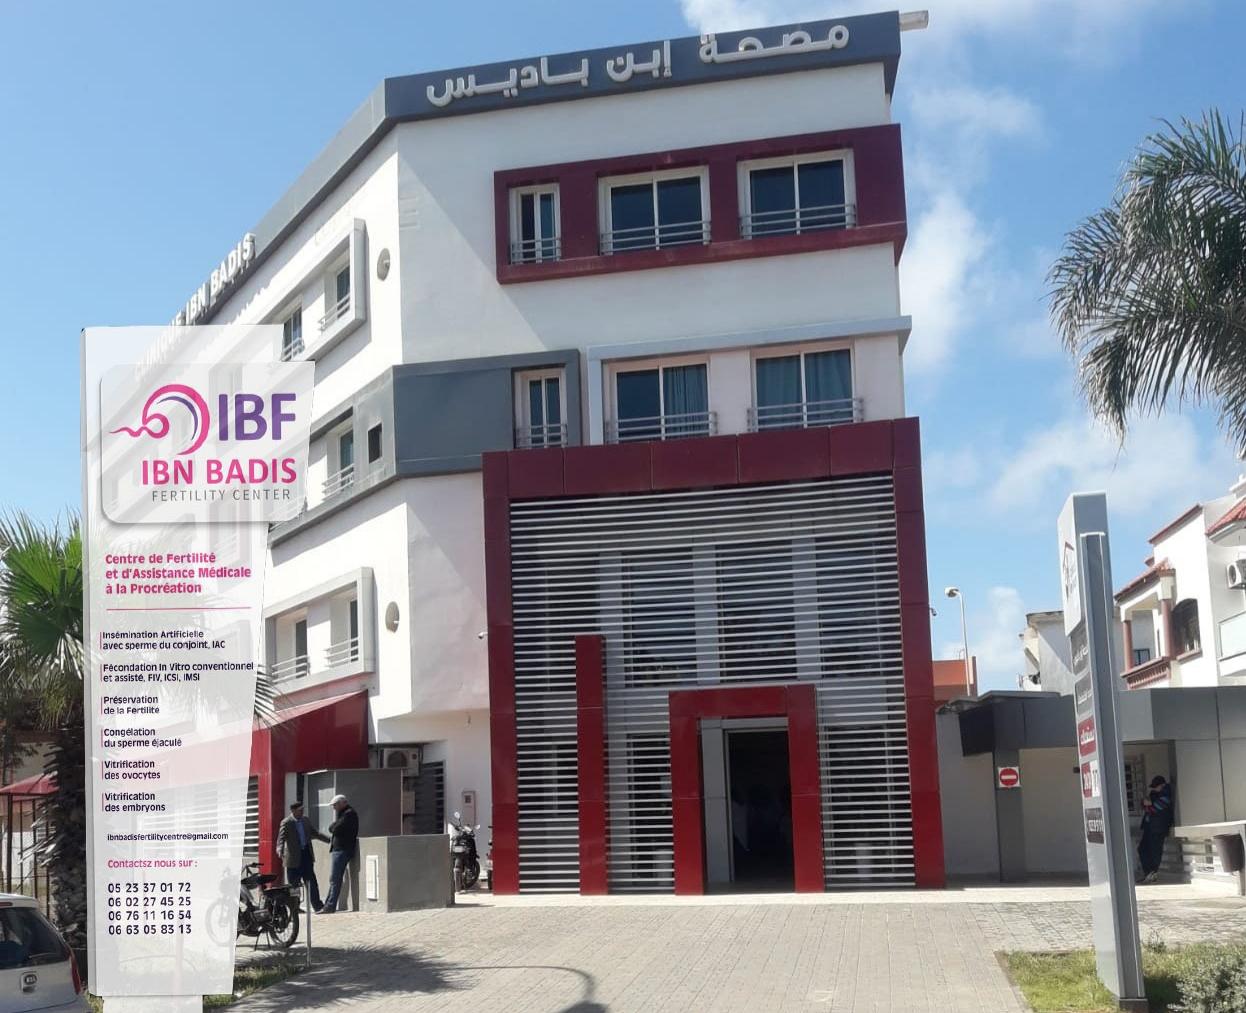 بشرى للراغبين في الانجاب.. افتتاح أول مركز طبي للخصوبة بالجديدة لعلاج تأخر الانجاب